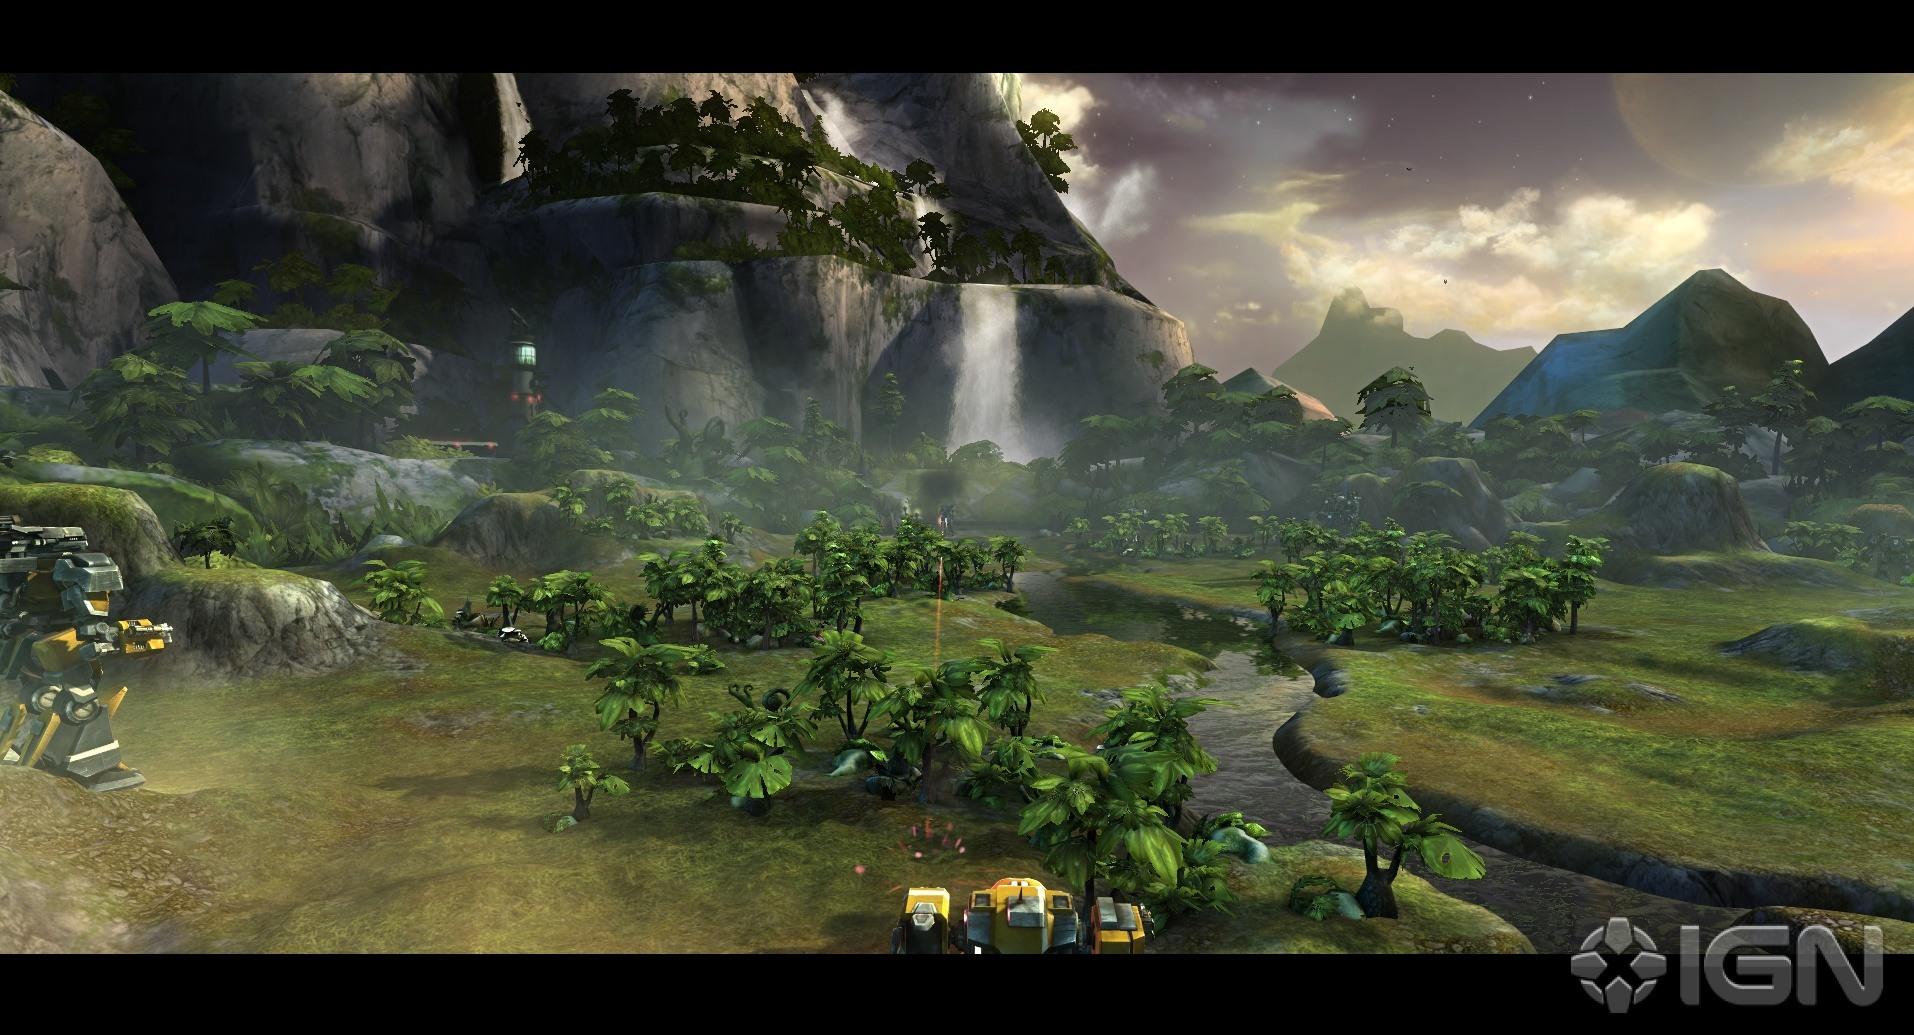 MechWarrior Tactics Screenshots Pictures Wallpapers   PC   IGN 1914x1035